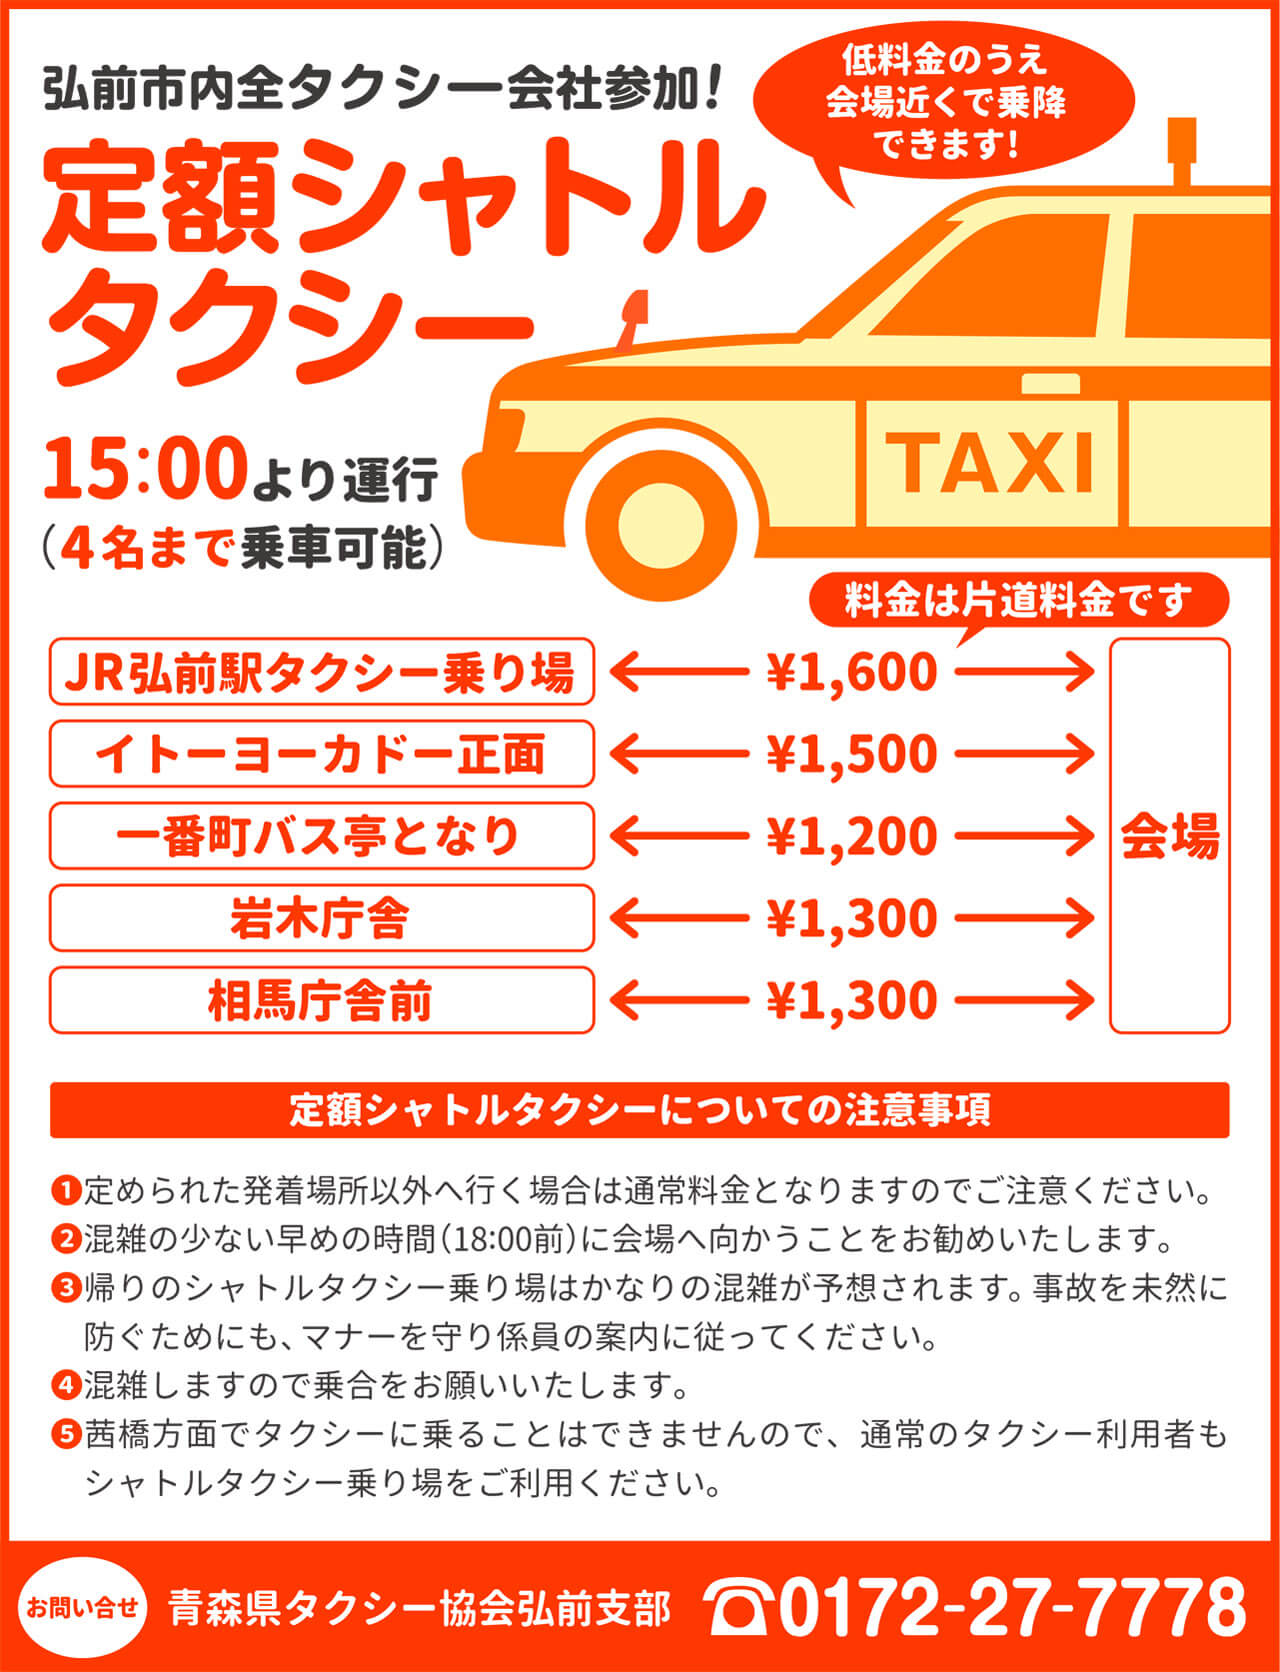 定額シャトルタクシーについて